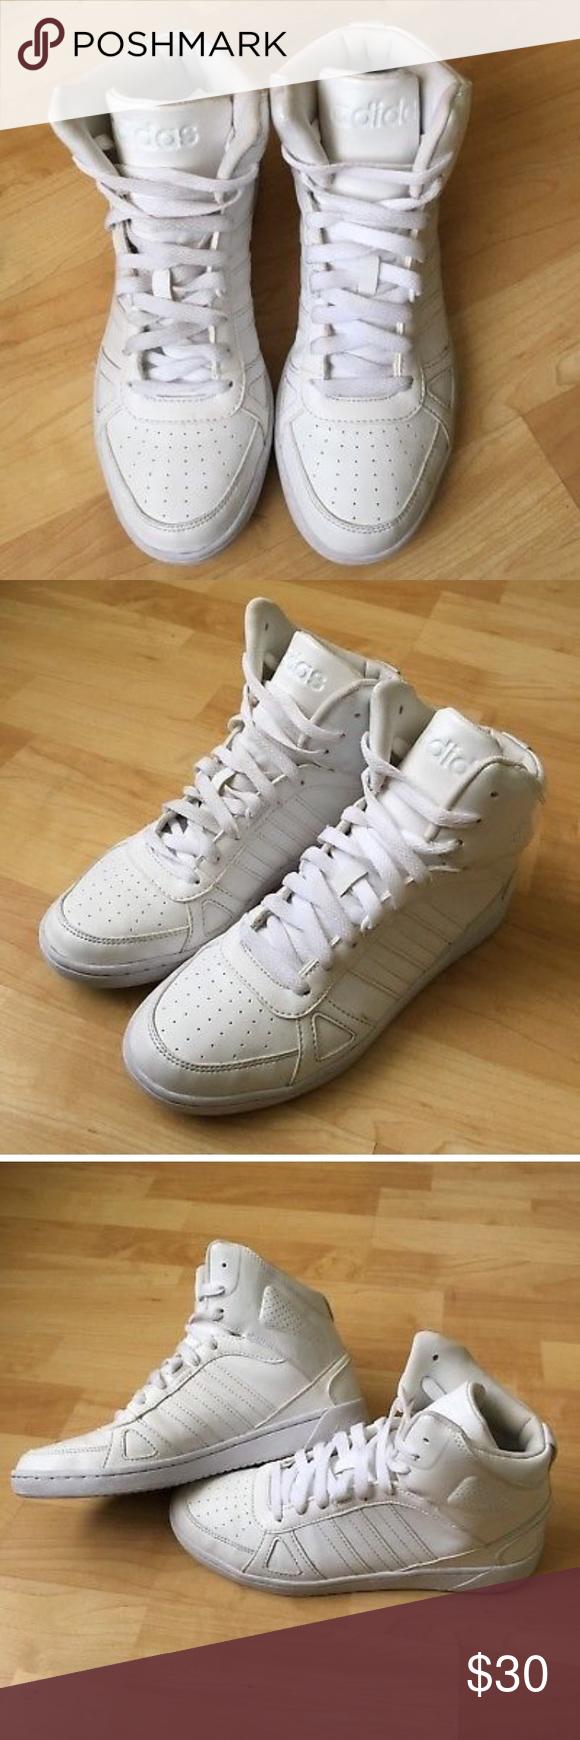 Adidas Neo Cloudfoam White Scarpe Da Donna 9 Adidas, Priva Di Fumo